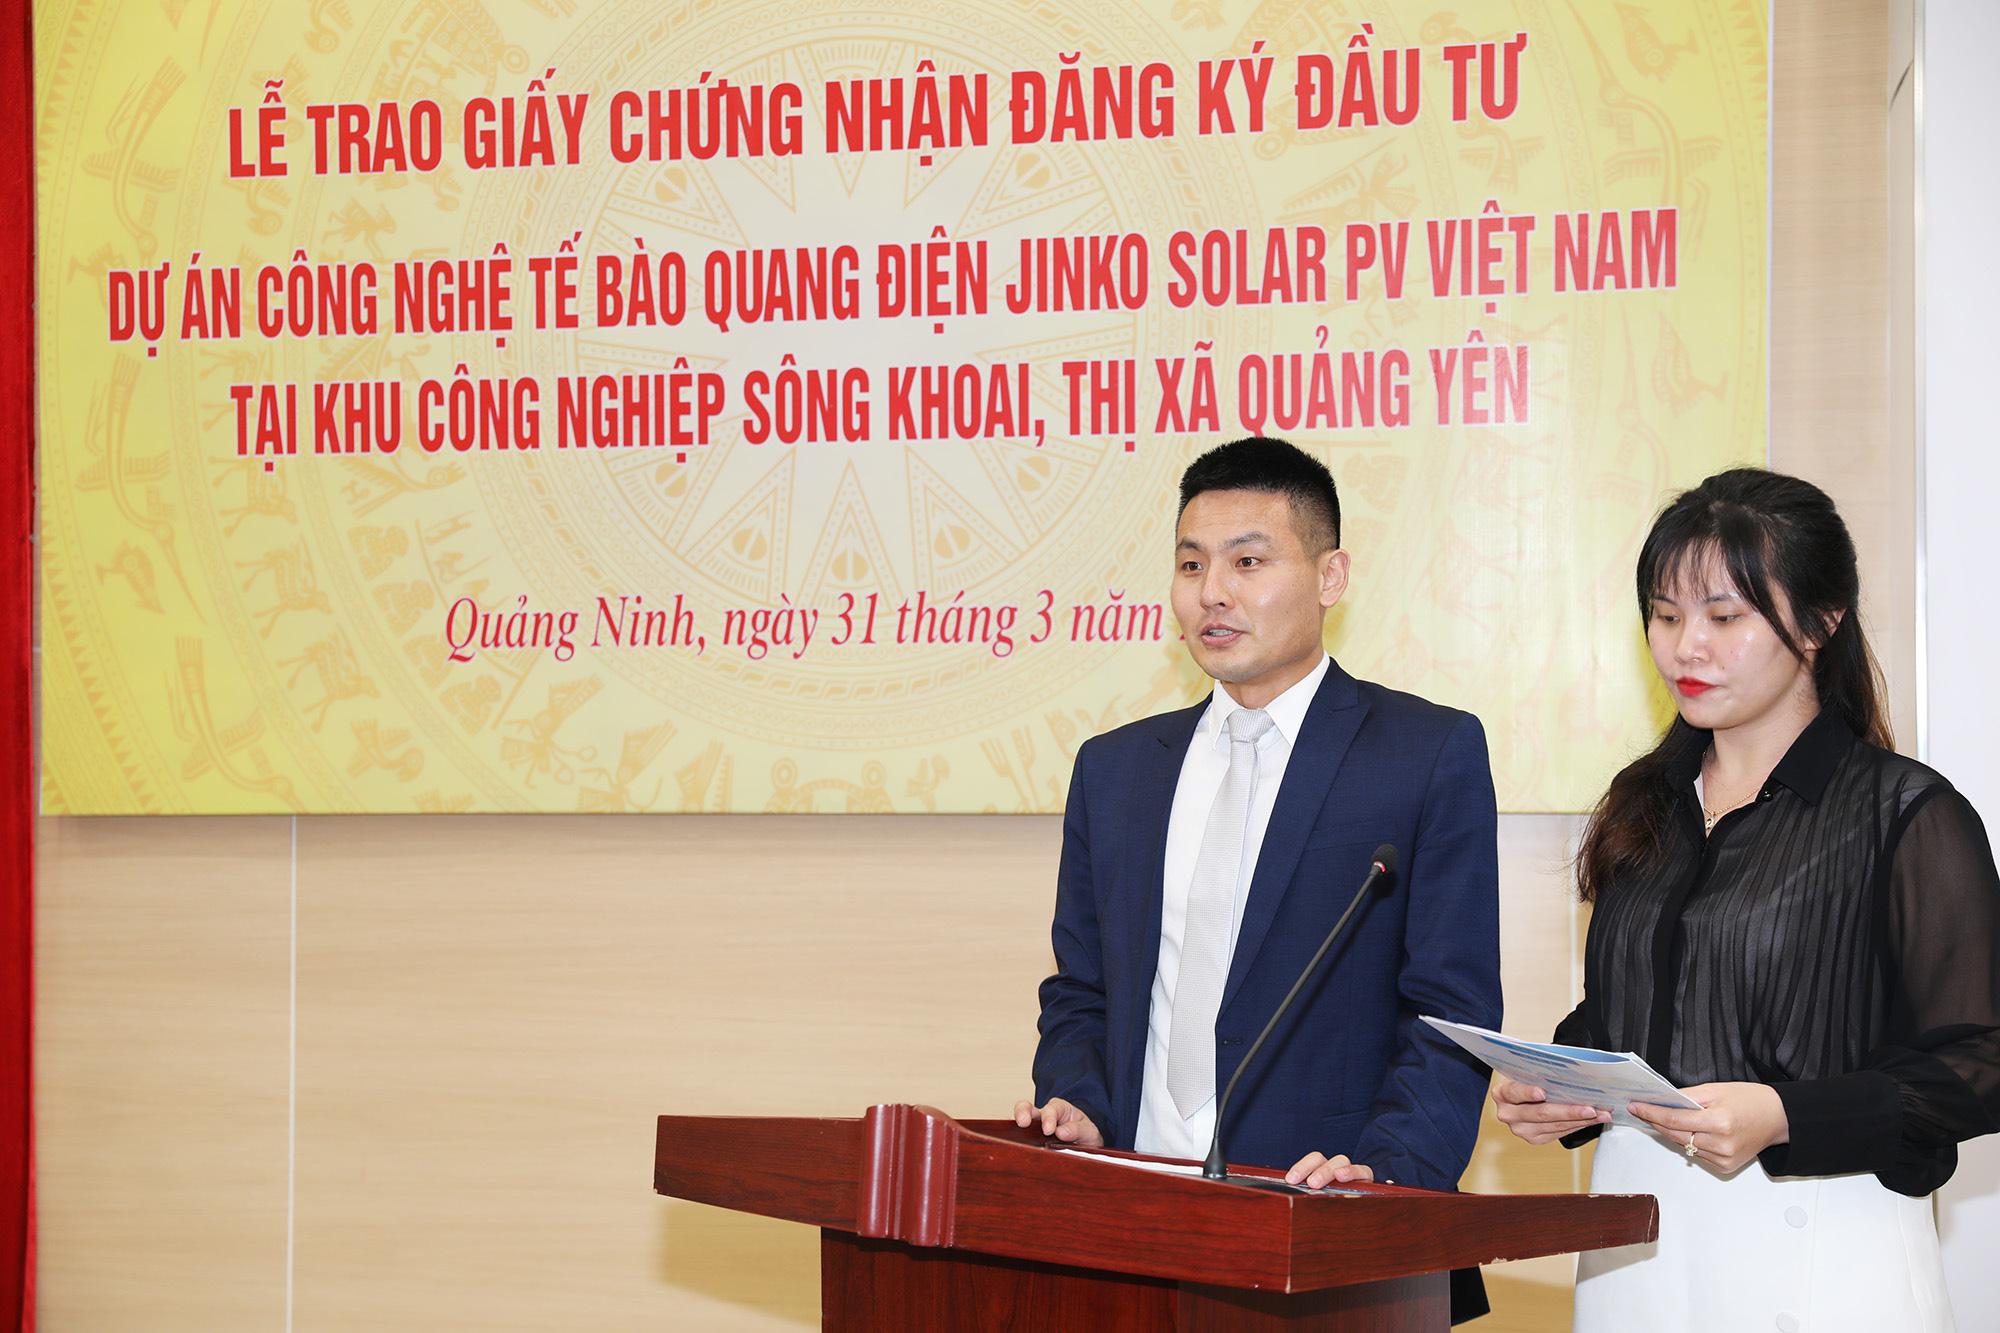 Quảng Ninh: Trao giấy chứng nhận đầu tư 500 triệu USD vào KCN Sông Khoai - Ảnh 2.